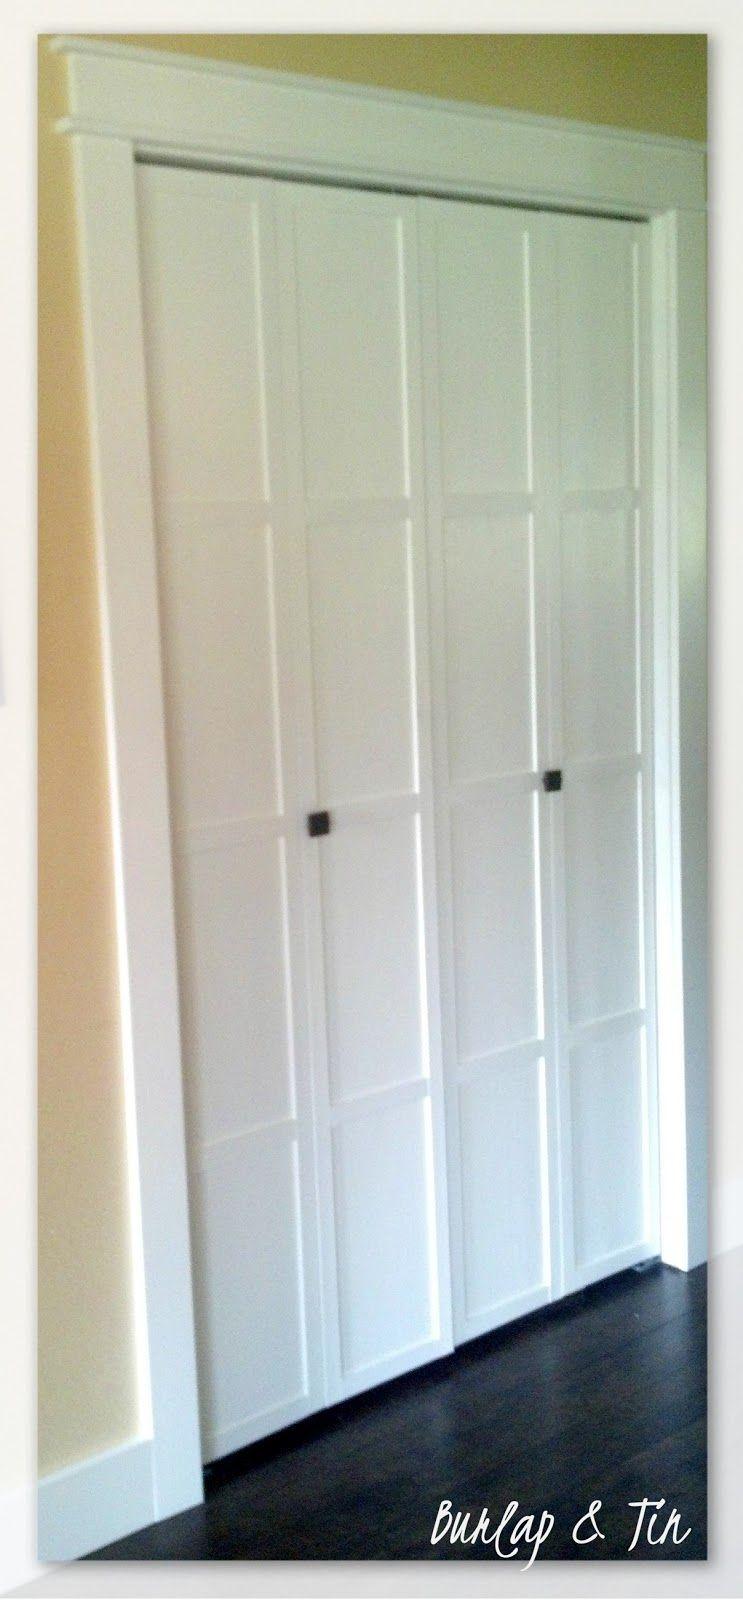 paneled bifold door - Burlap and Tin | Doors | Pinterest | Doors ...